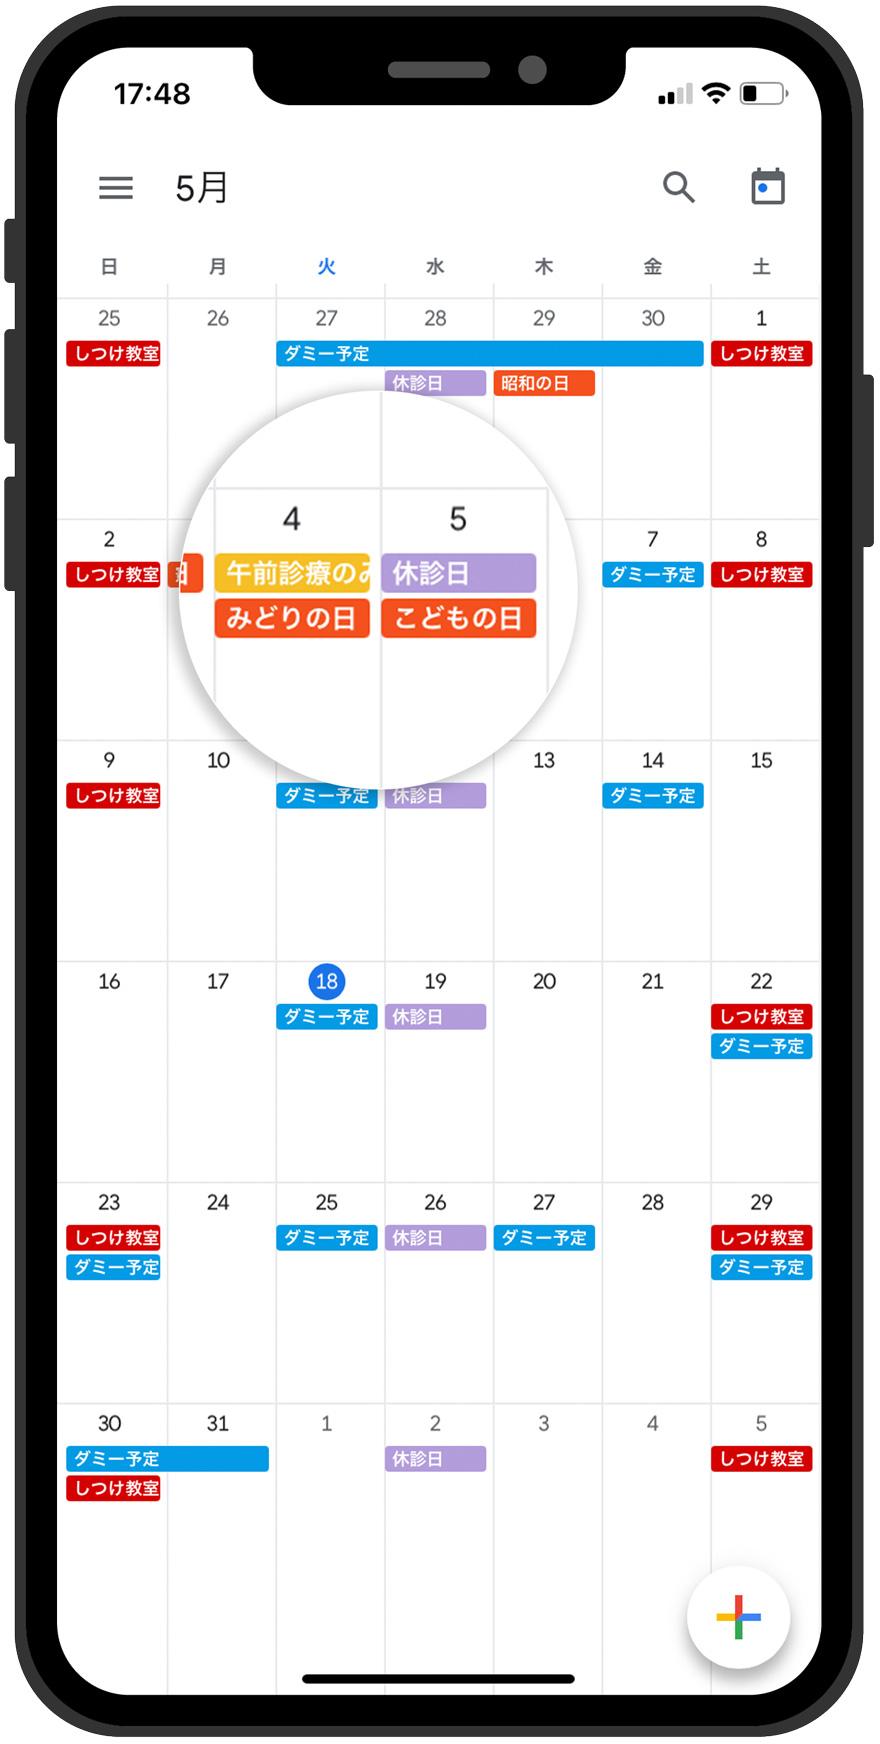 吹田市のシェル動物病院様ホームページ_googleカレンダー:スマートフォンの場合